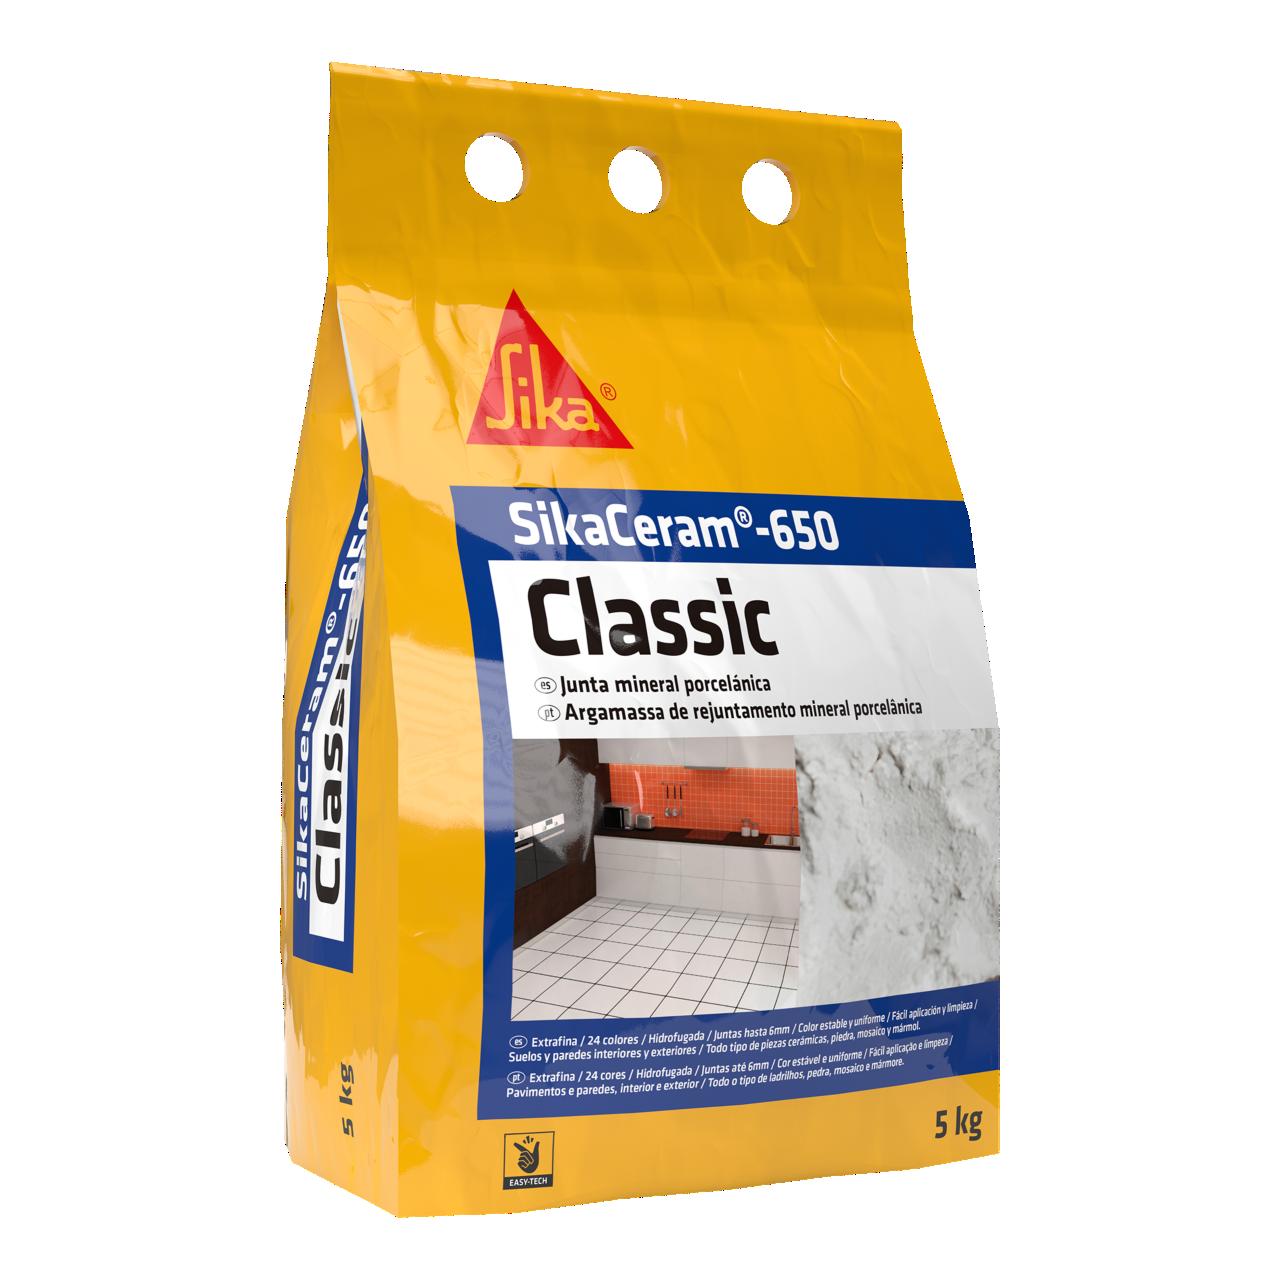 SikaCeram®-650 Classic | Selar Juntas Cerâmicas | Ideias e soluções para Cerâmicos Sika Consigo